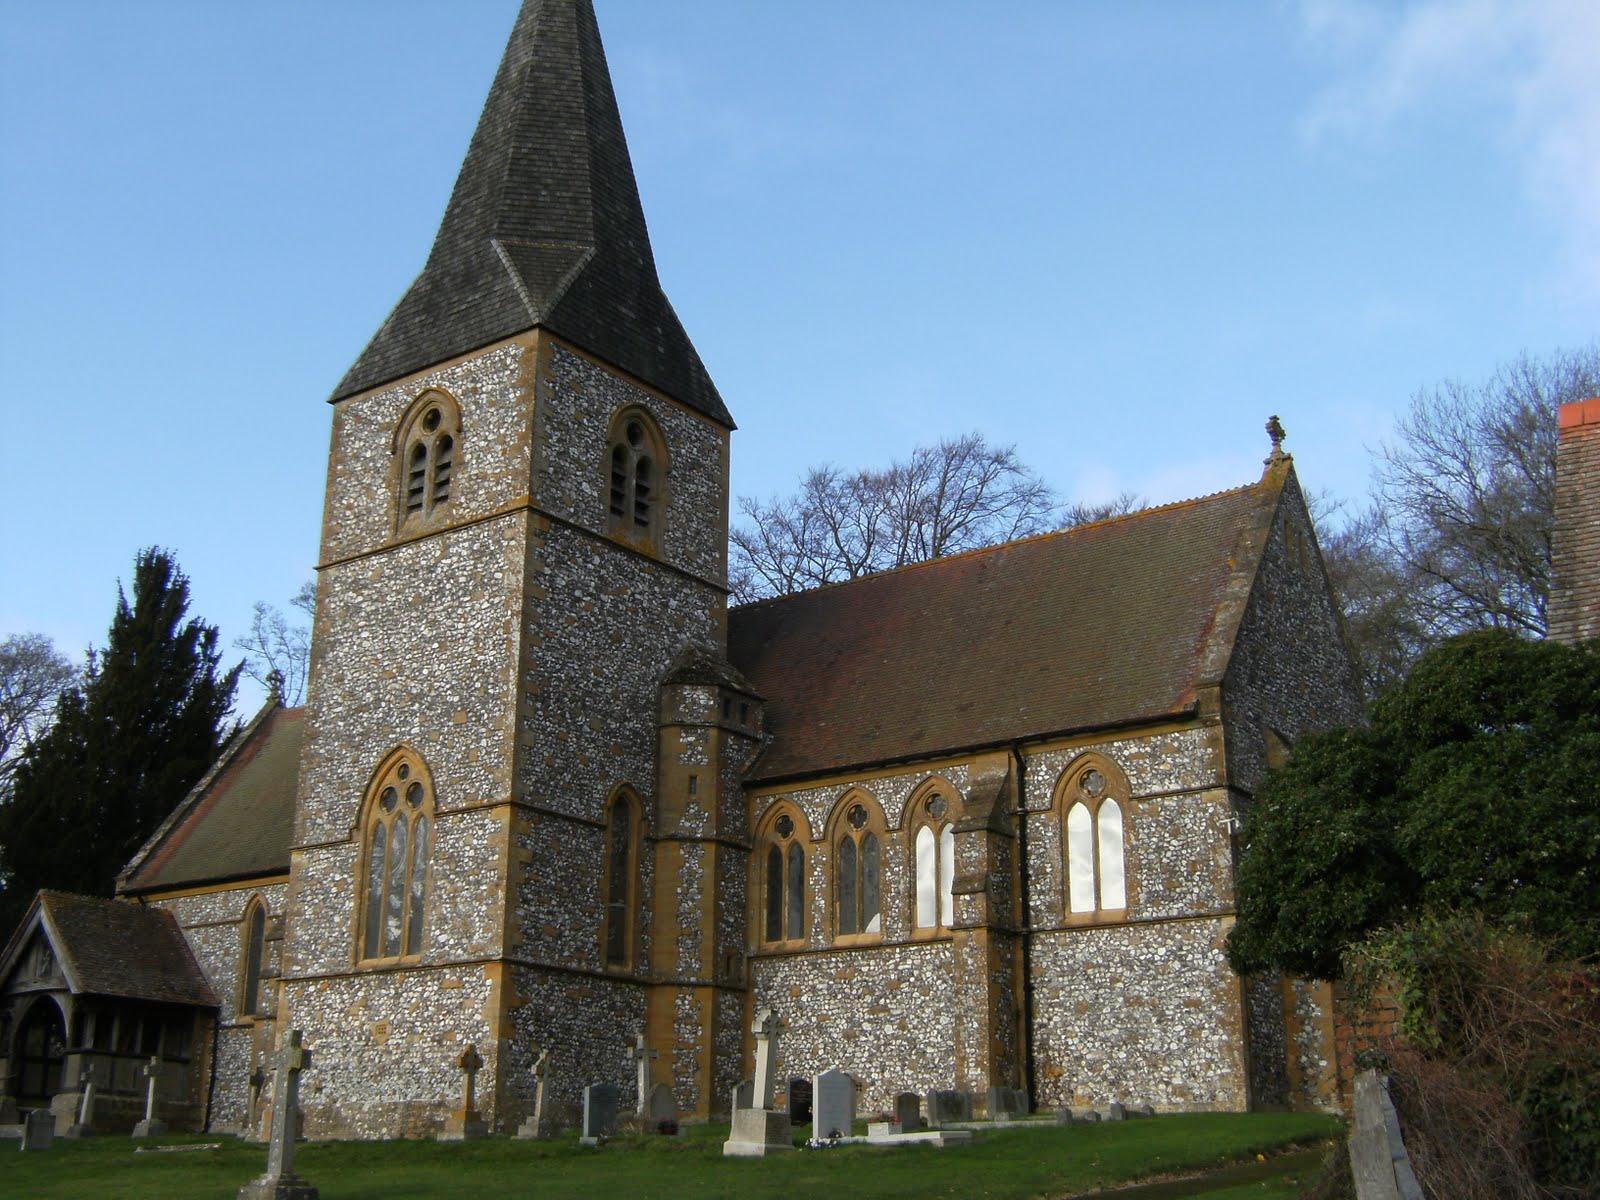 DSCF2706 St Mary's Church, Laverstoke